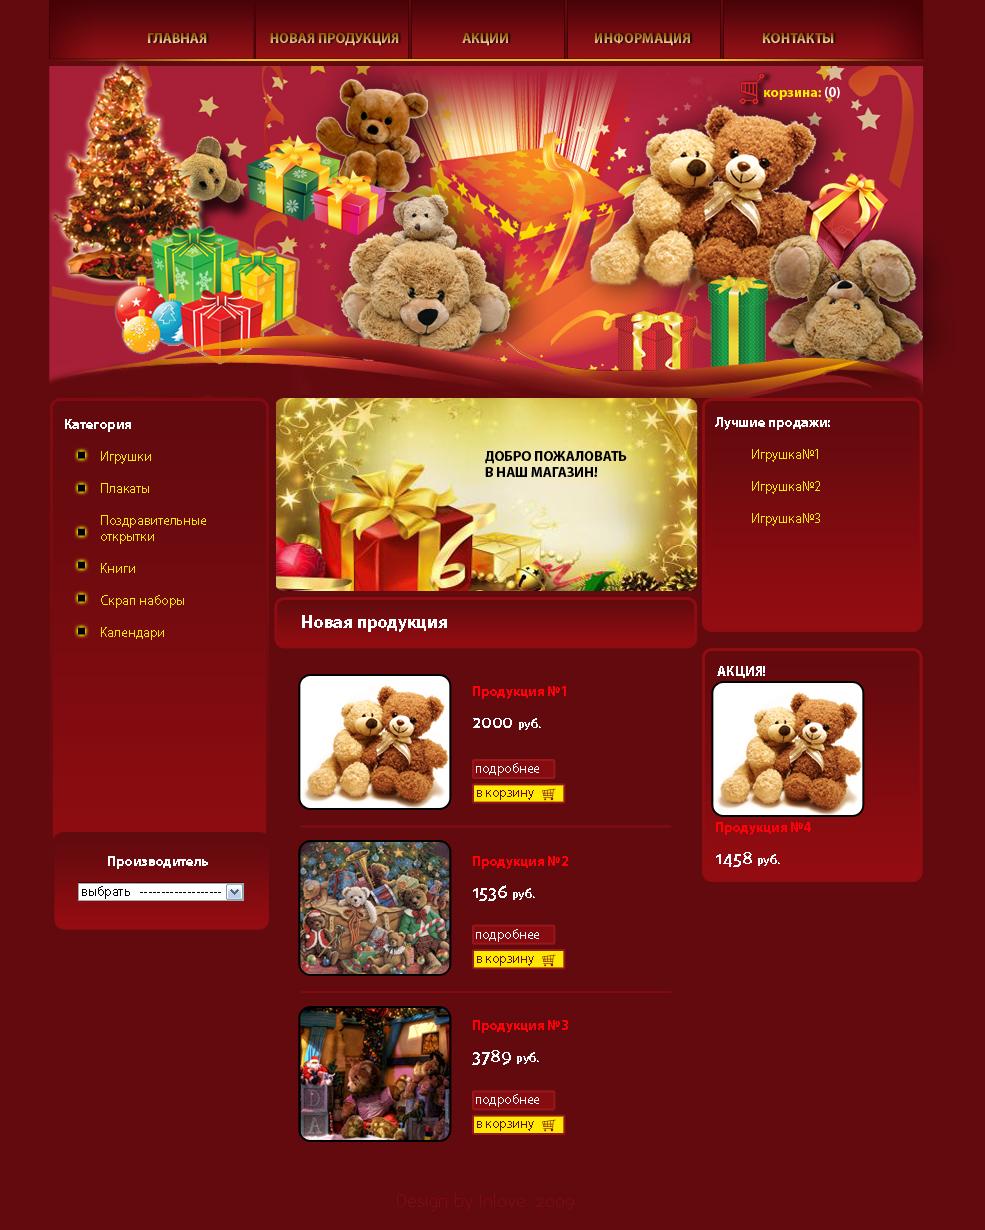 Подарки и сувениры сайты